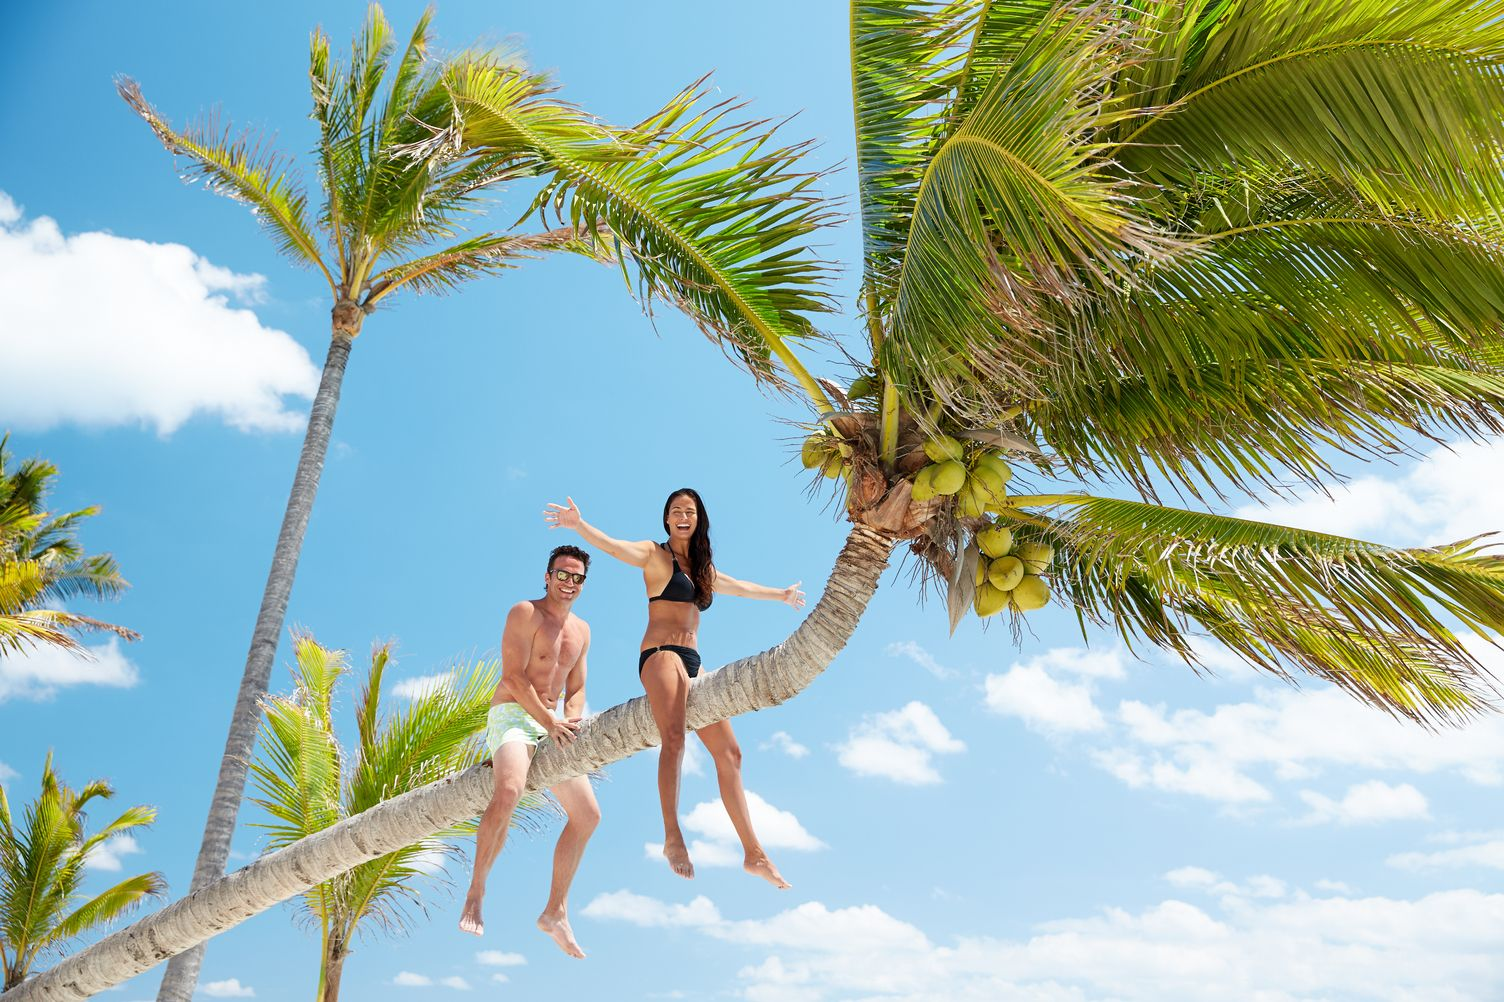 Paar sitzt auf schrägem Palmenstamm. Der Himmel ist blau. Von unten fotografiert.